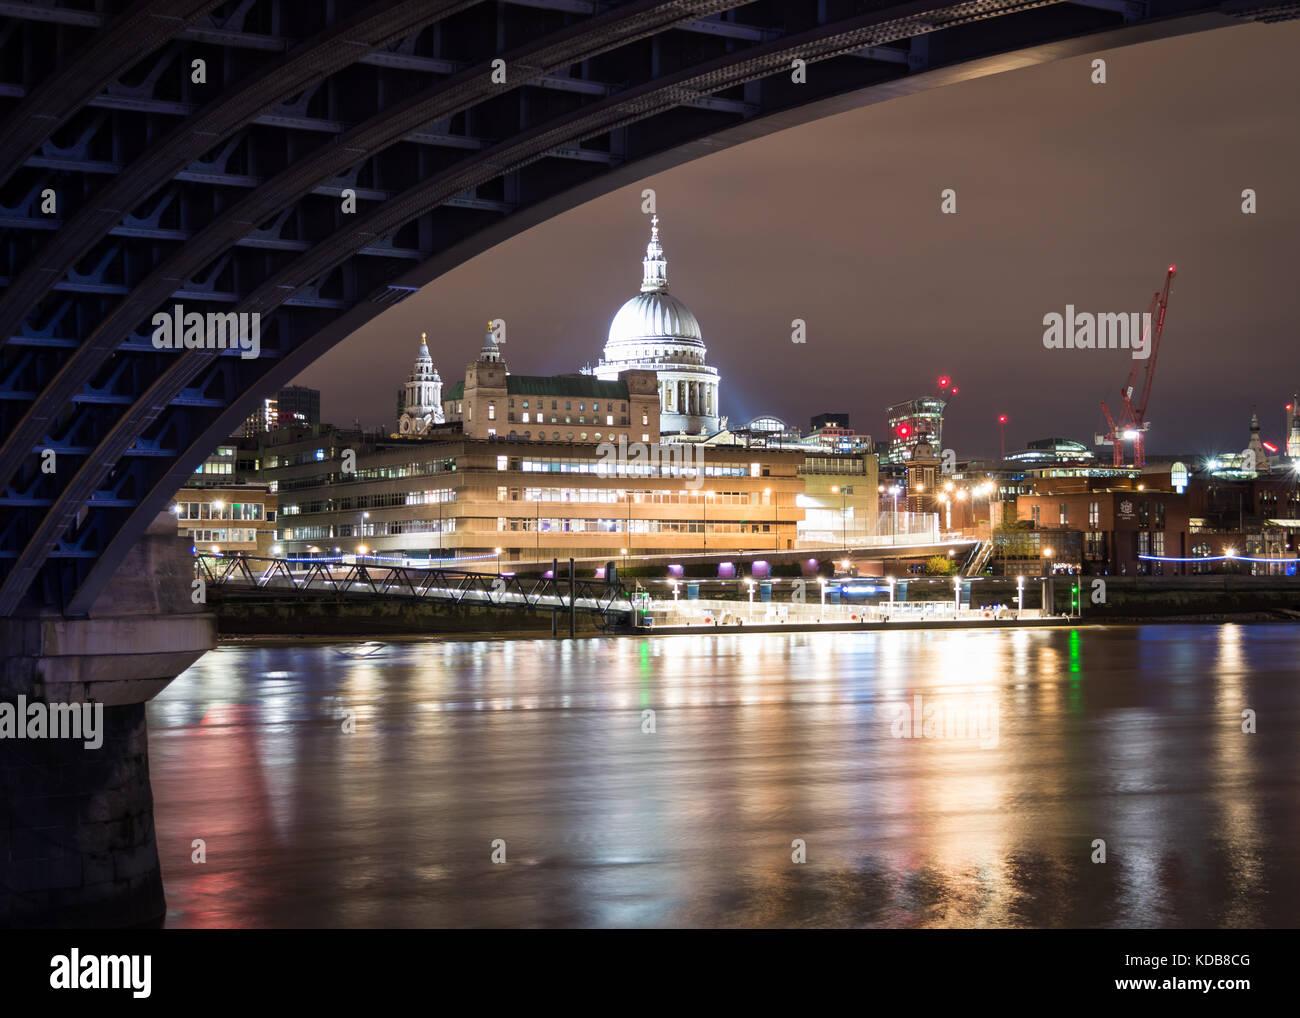 Ein Blick auf die St. Paul's Kathedrale, von der Blackfriars Bridge in London, Großbritannien. Stockbild